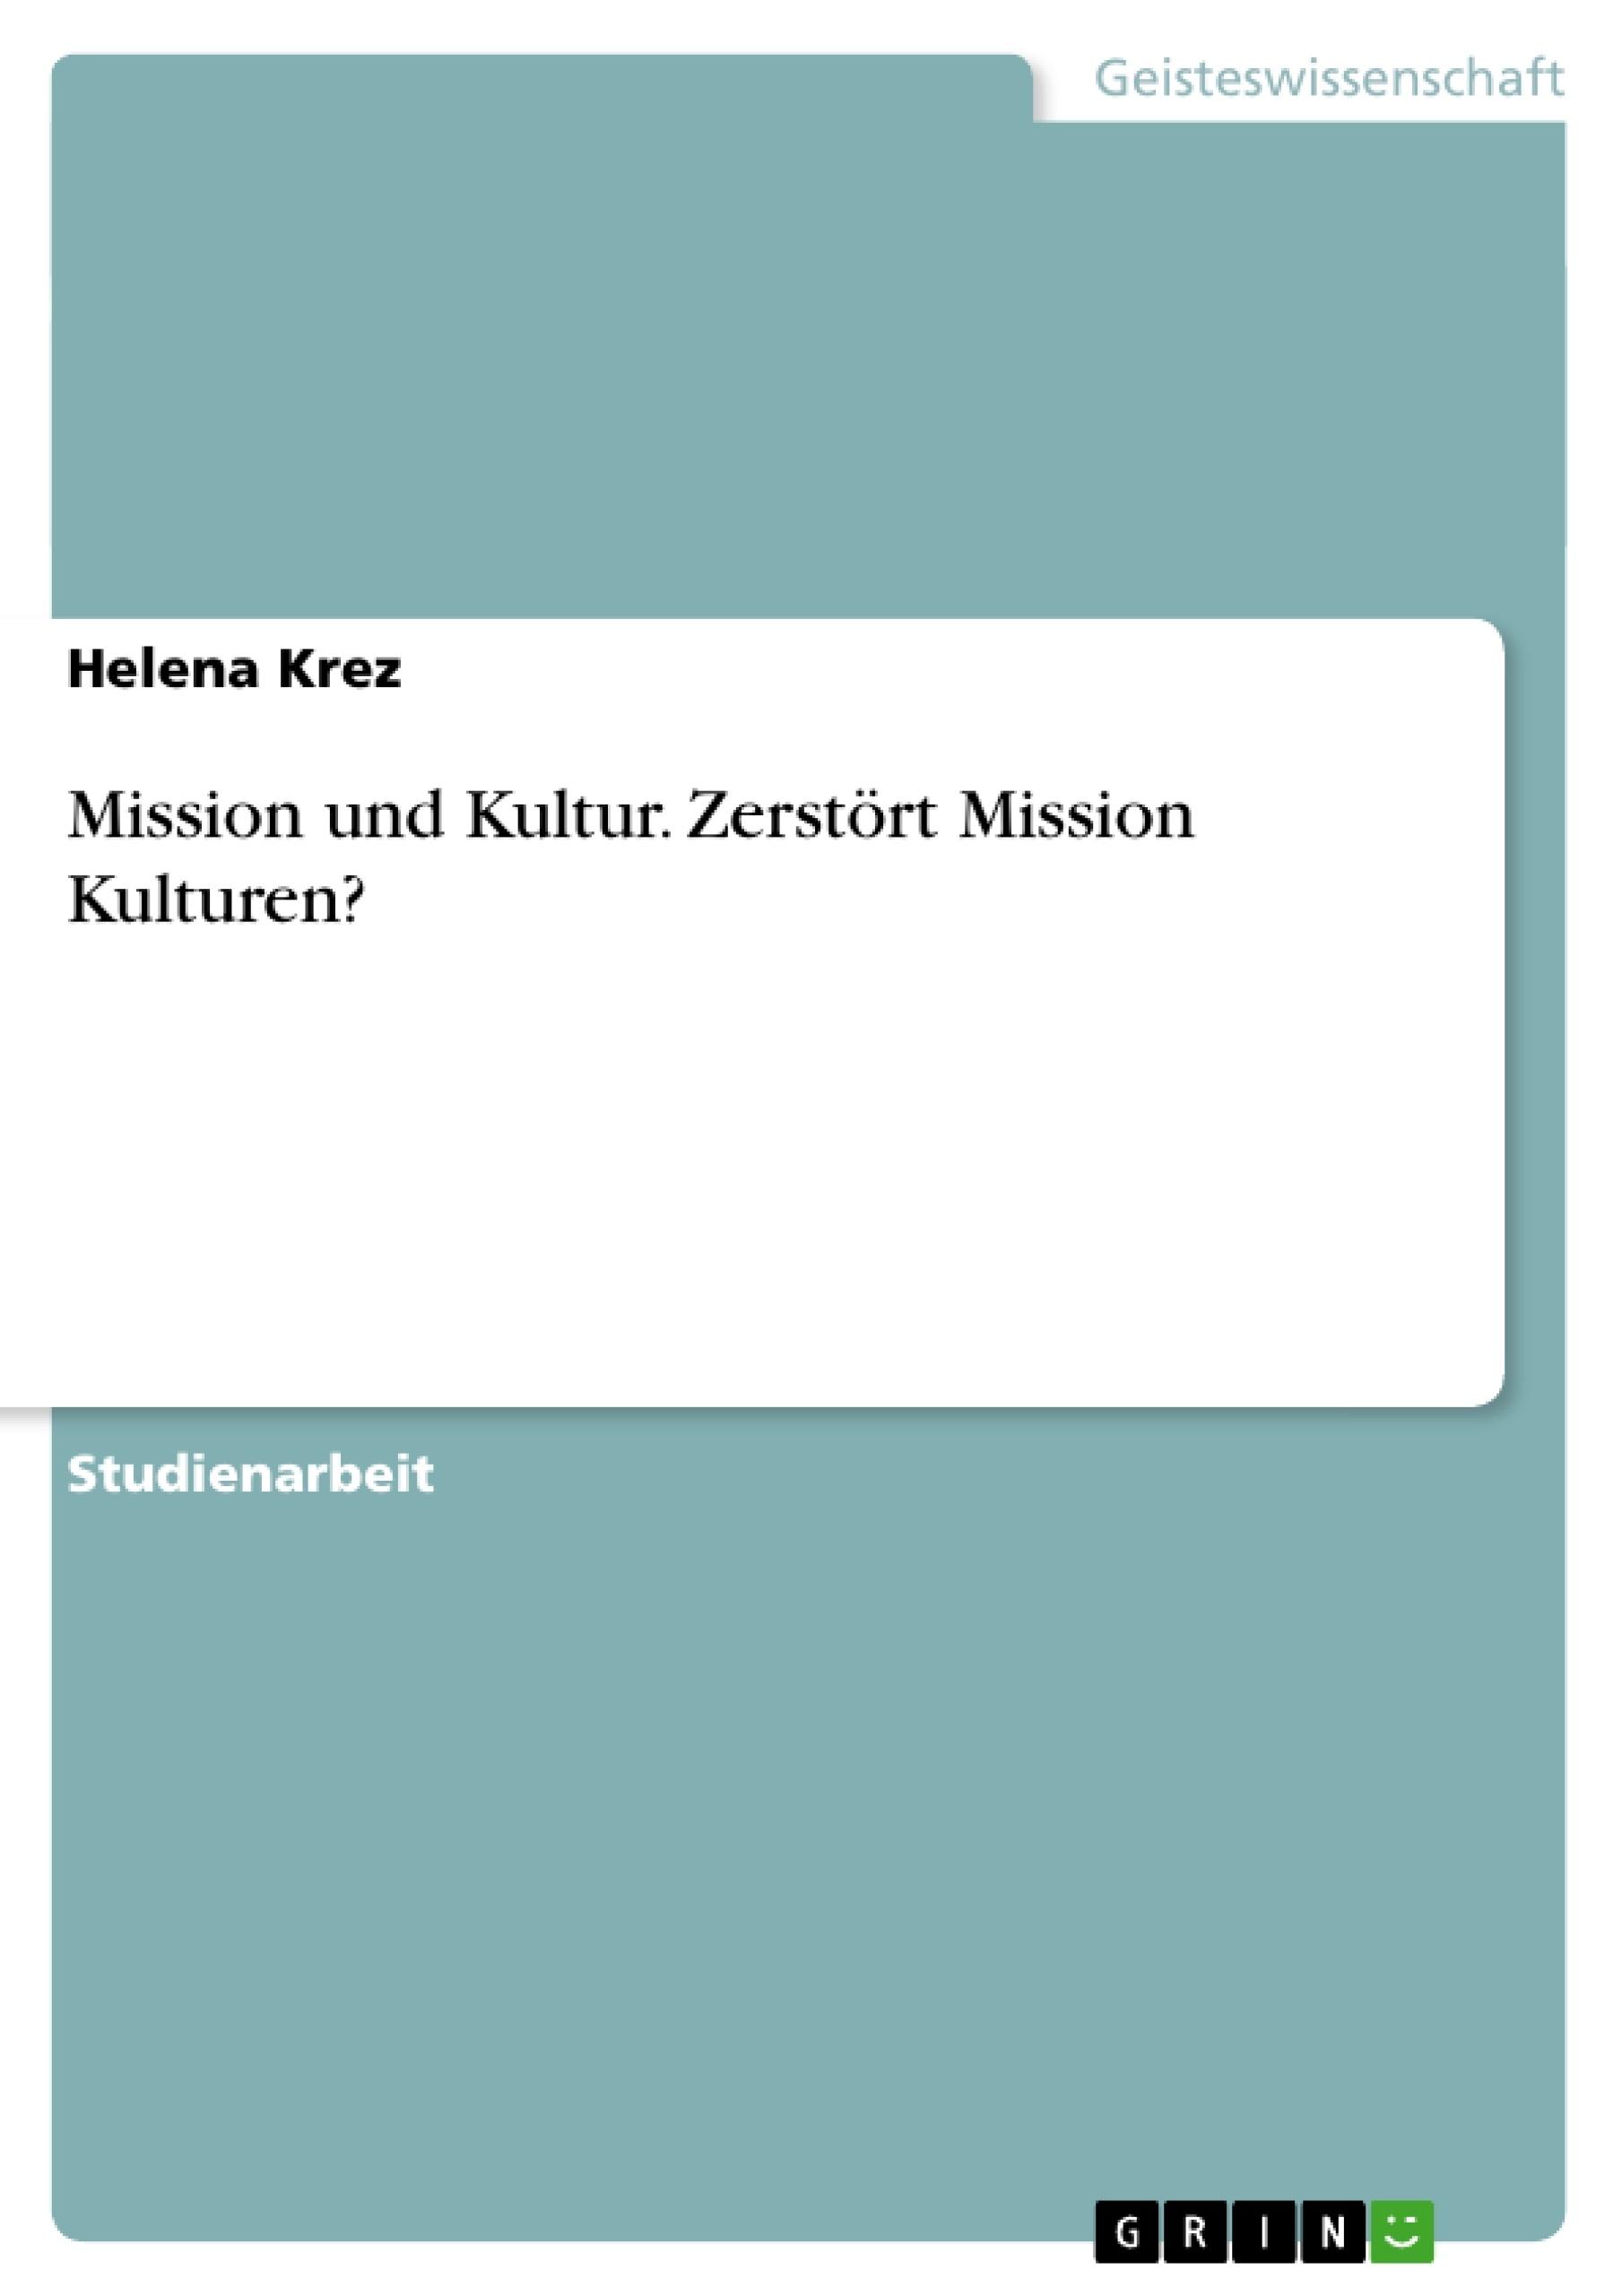 Titel: Mission und Kultur. Zerstört Mission Kulturen?